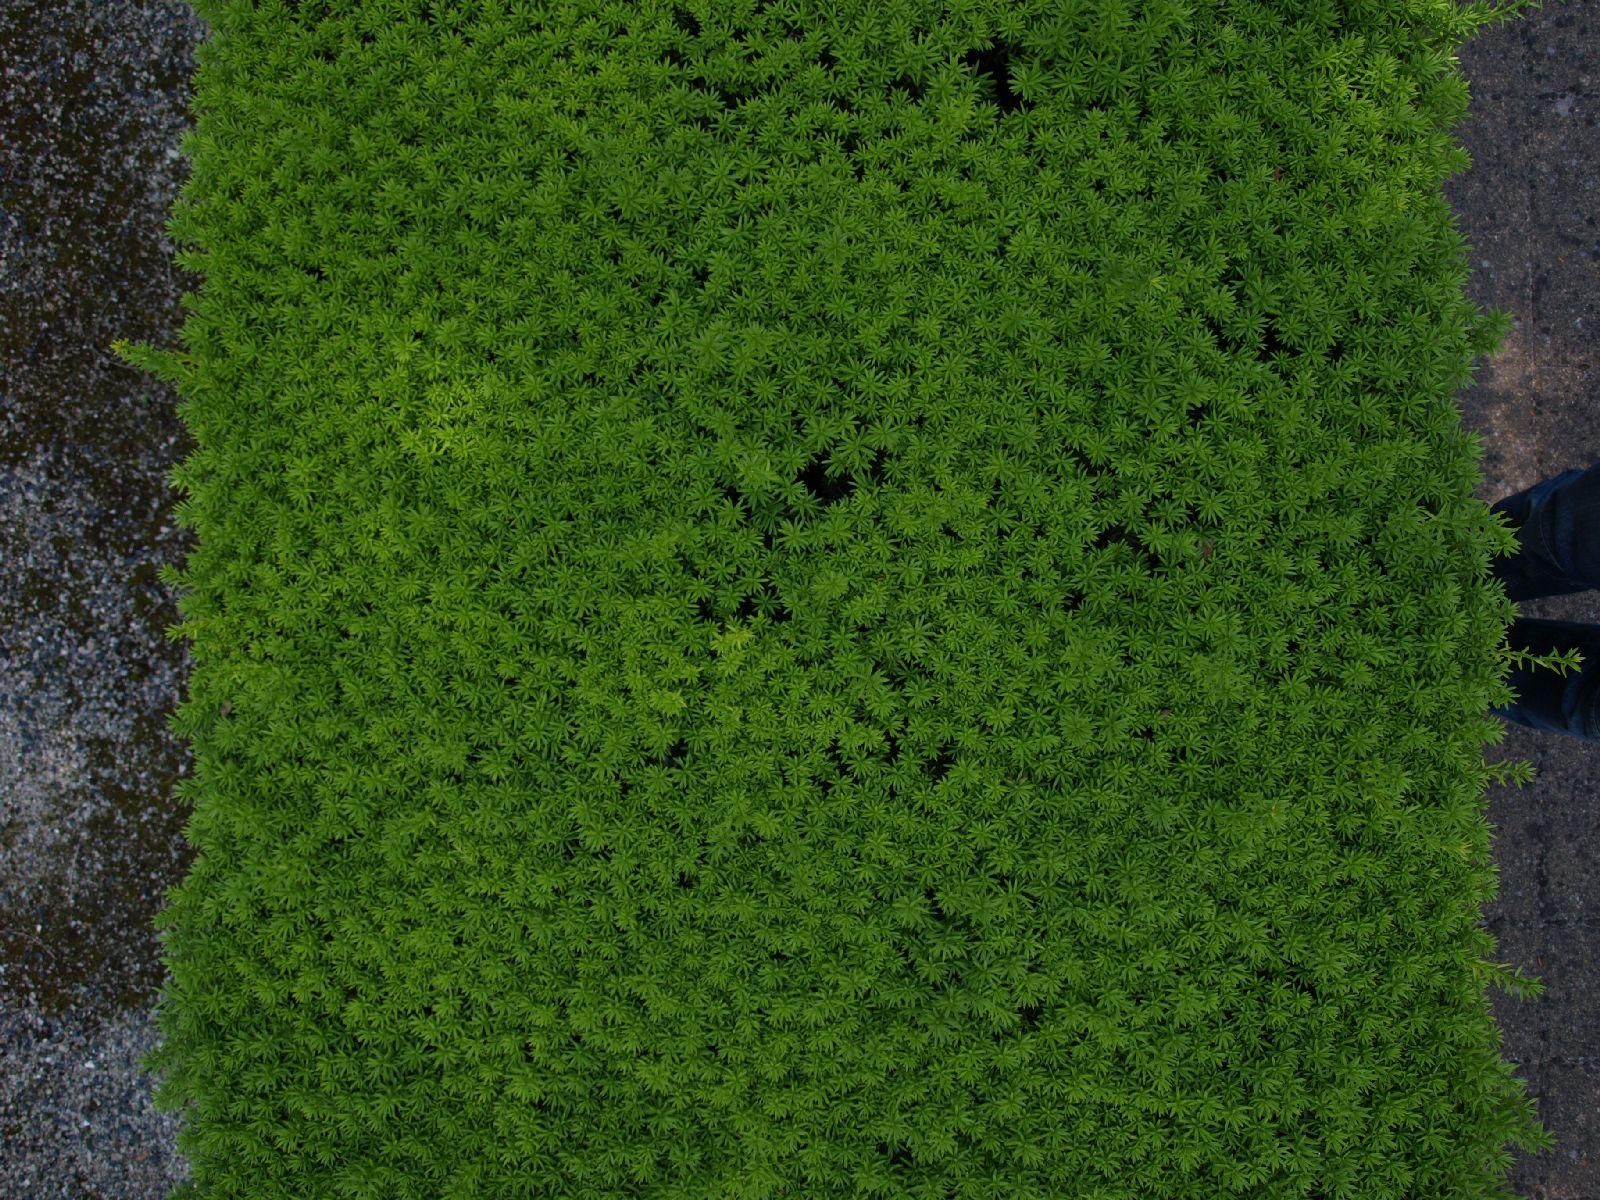 Pflanzen-Hecken-Foto_Textur_B_P6137318